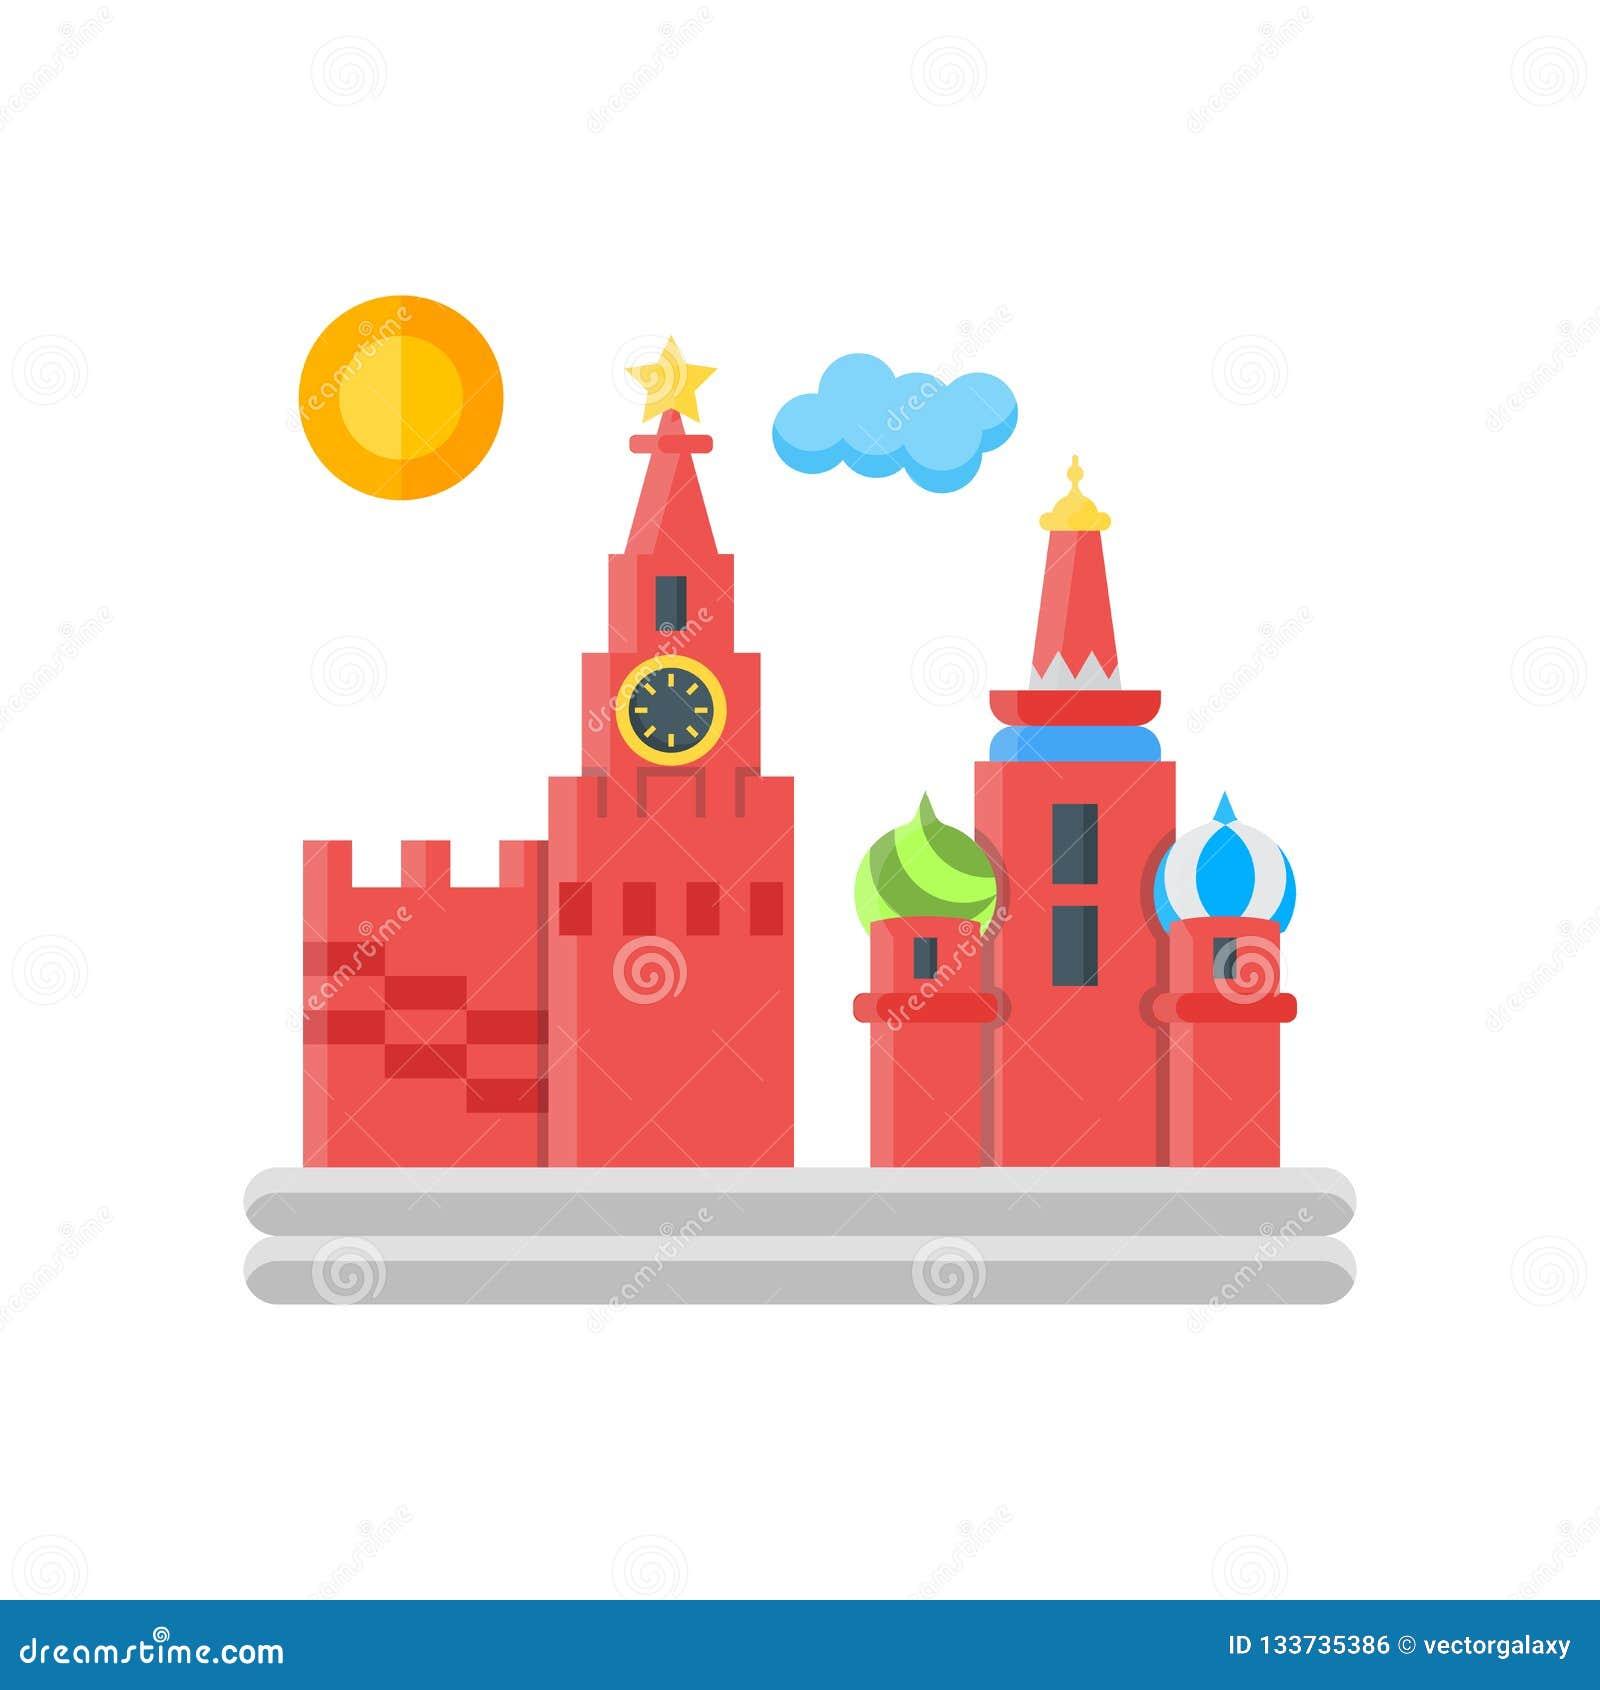 Moskau-Ikonenvektorzeichen und -symbol lokalisiert auf weißem Hintergrund